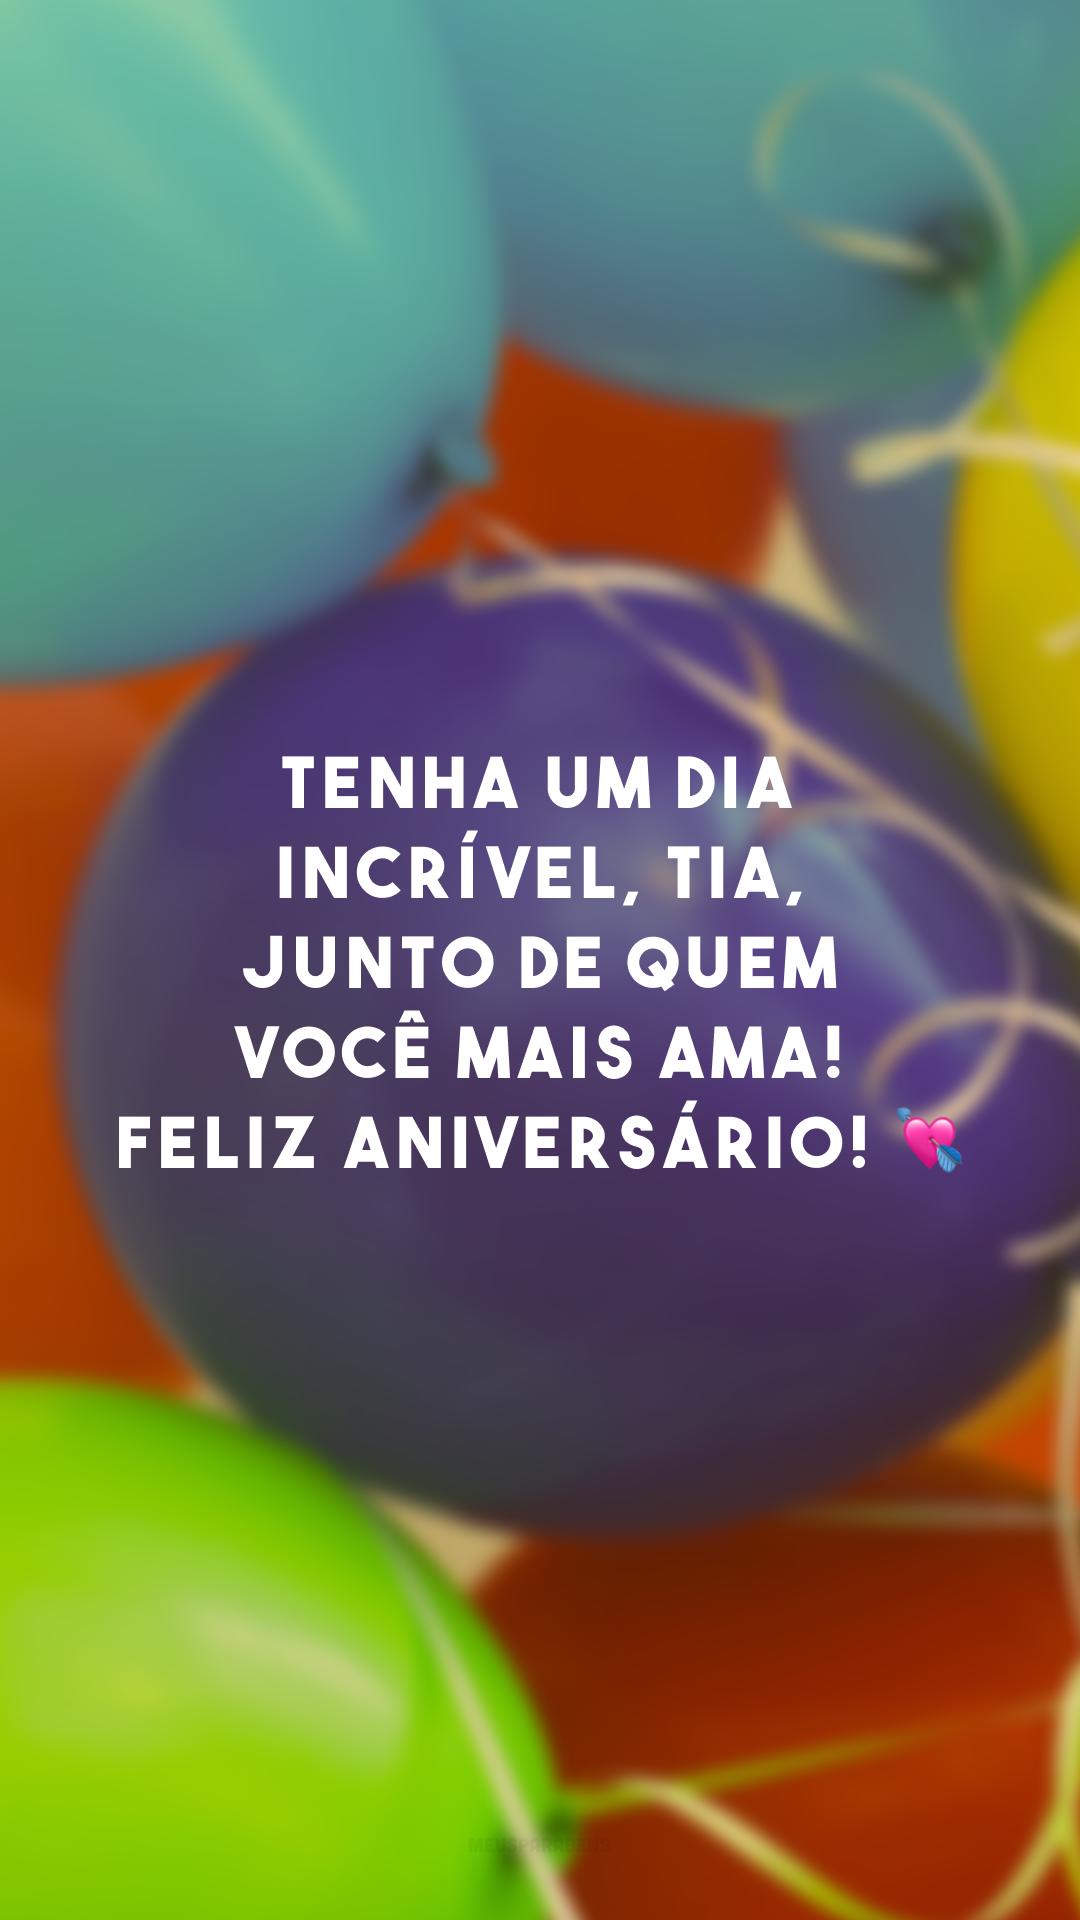 Tenha um dia incrível, tia, junto de quem você mais ama! Feliz aniversário! 💘